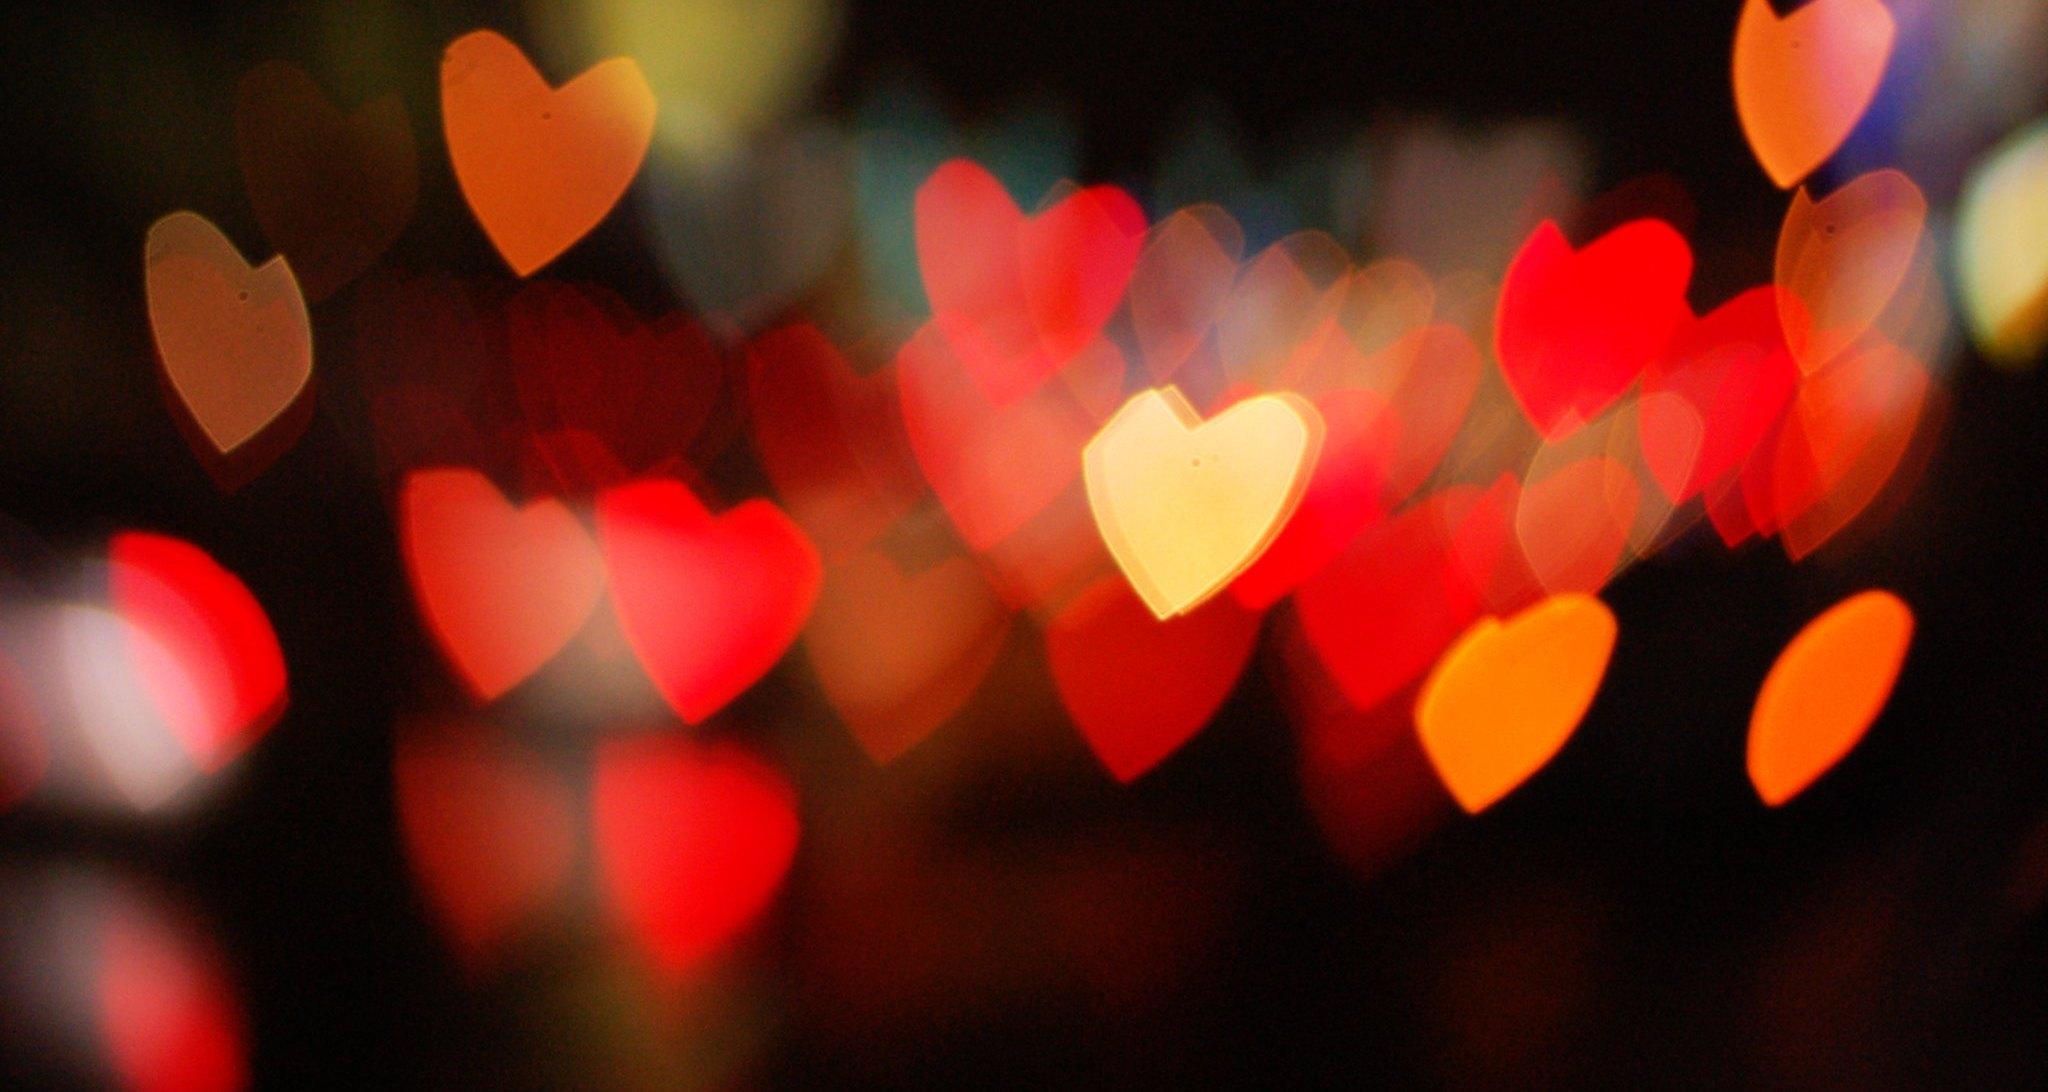 16.методика проведения непрямого массажа сердца